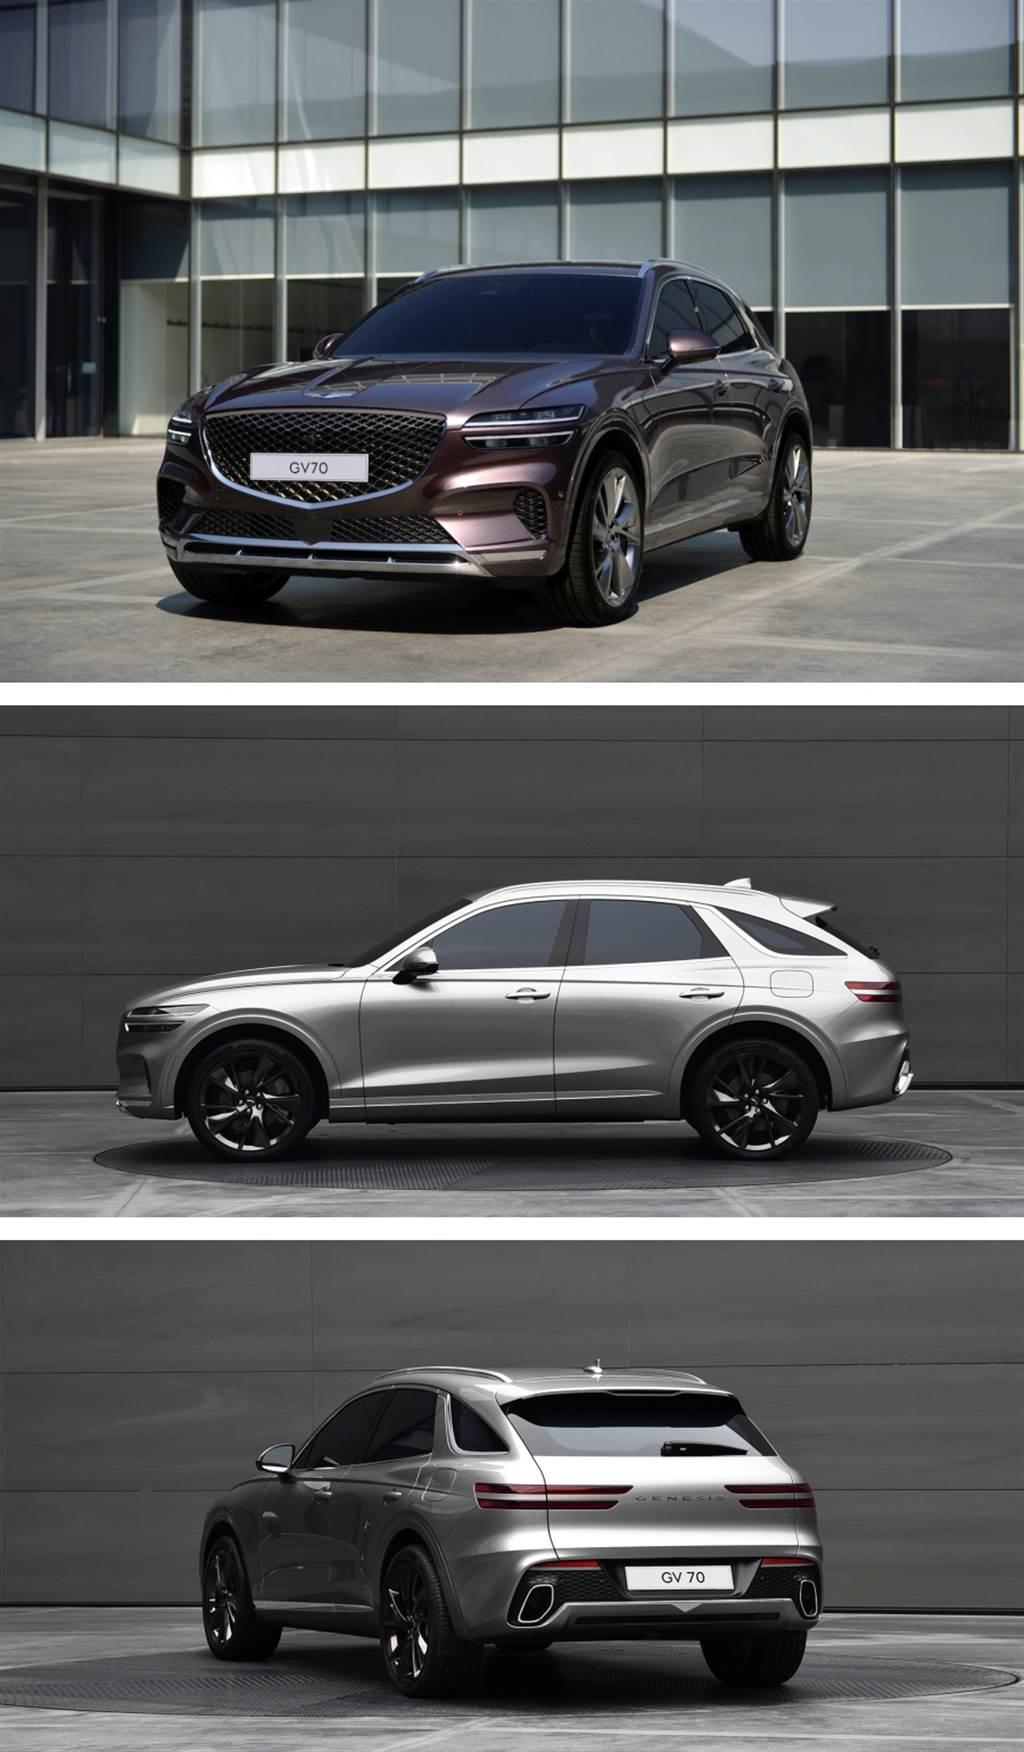 品牌第二款 SUV 產品姍姍來遲、Genesis GV70 原型車首度亮相